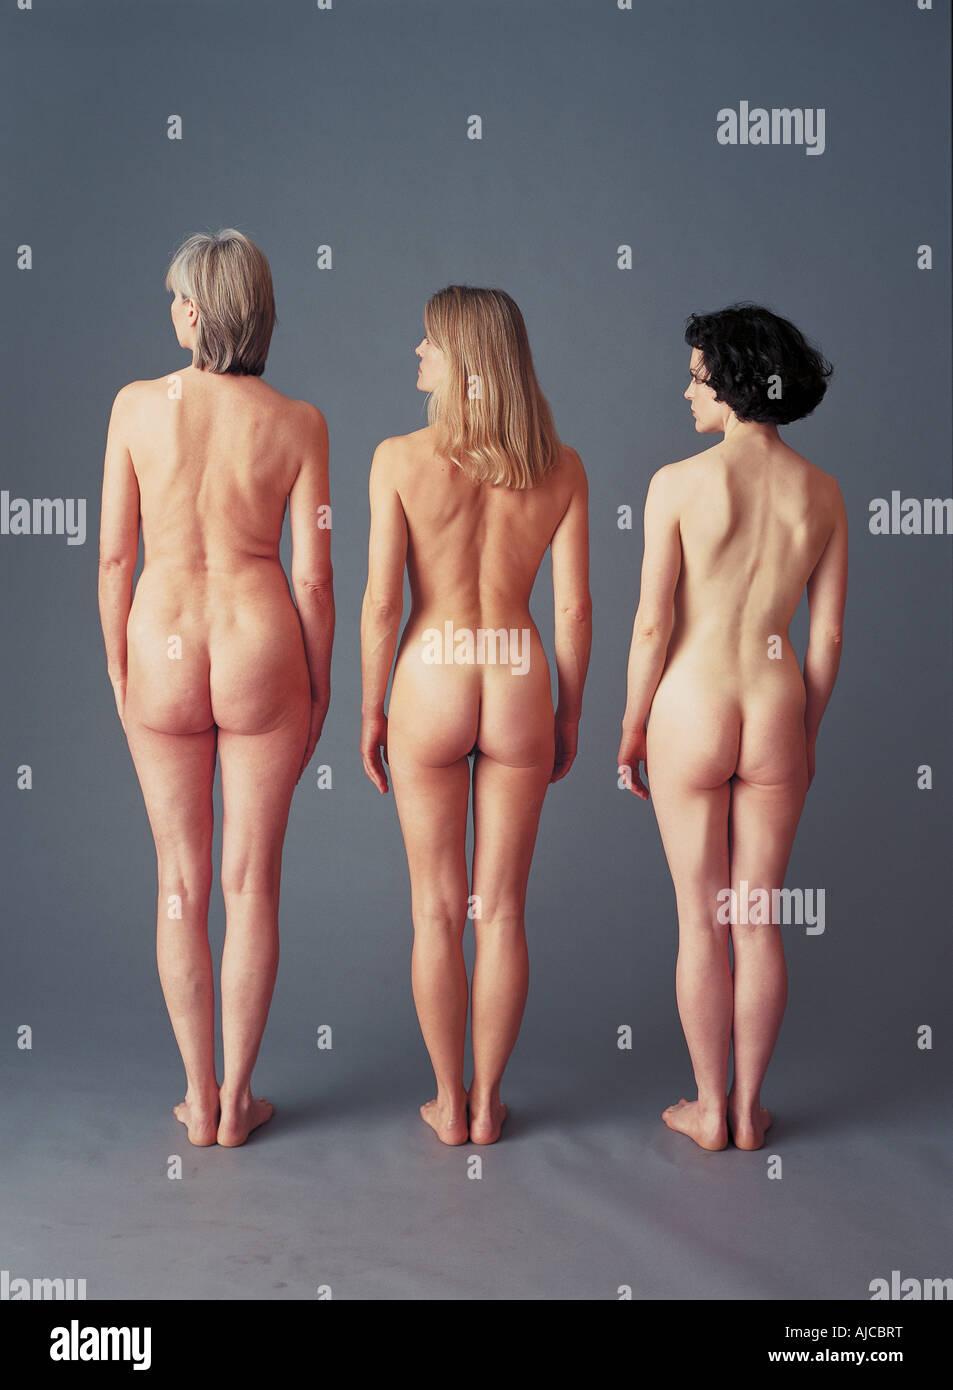 Jugendliche Frauen Nackt